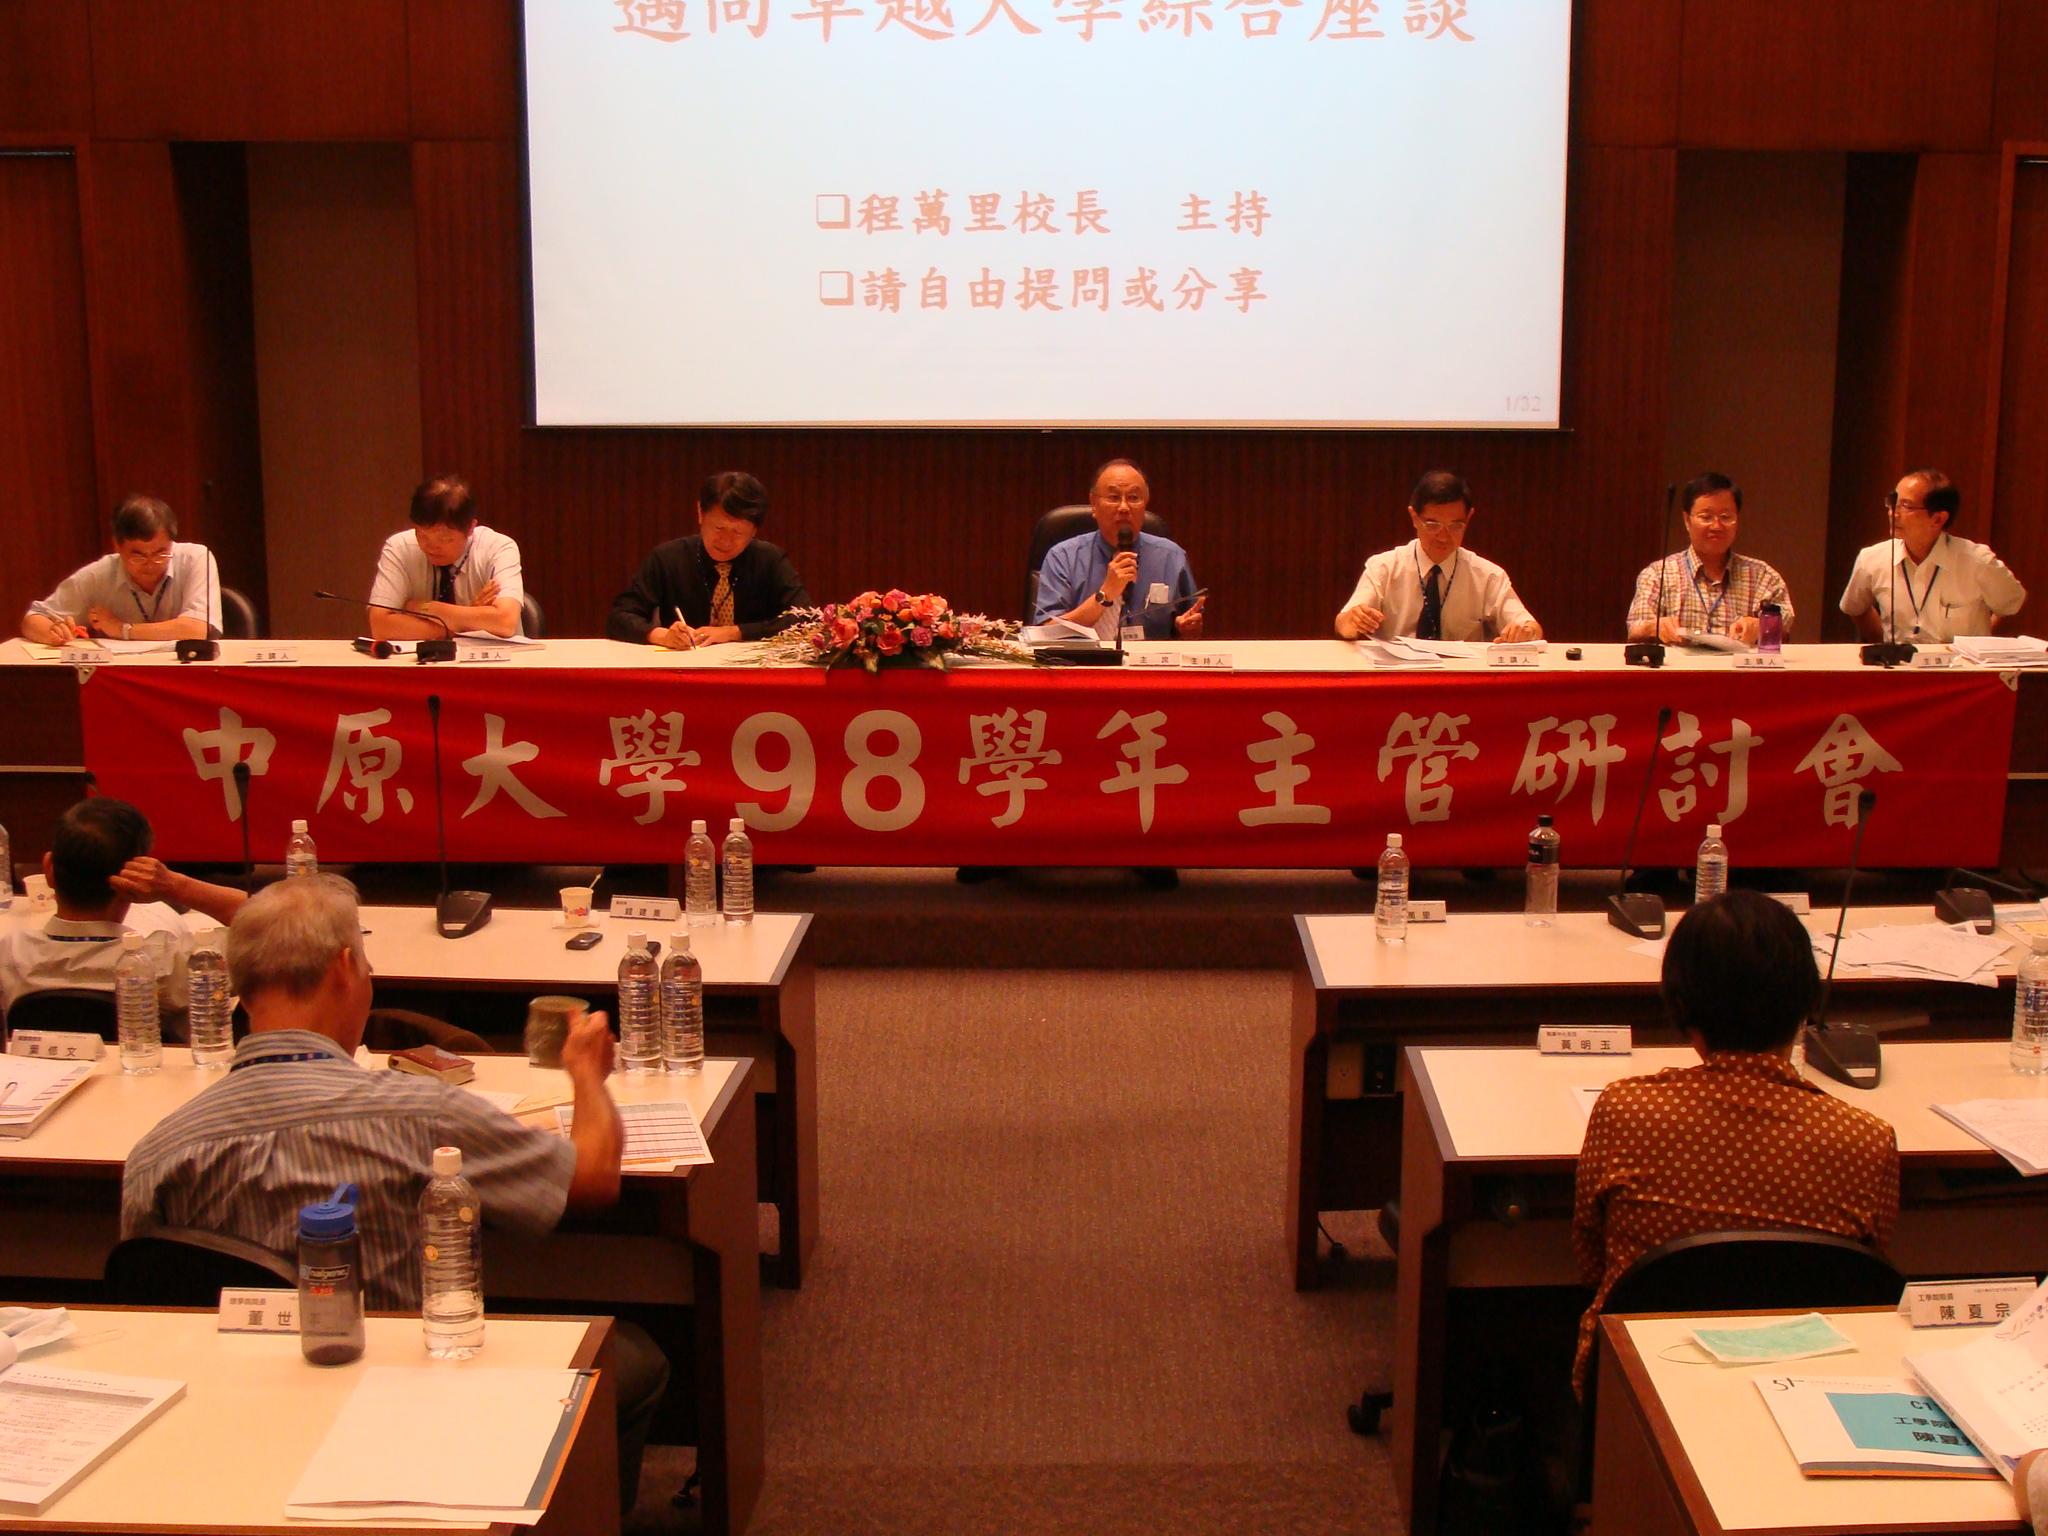 98學年度主管研討會-推動永續發展 邁向優質卓越大學